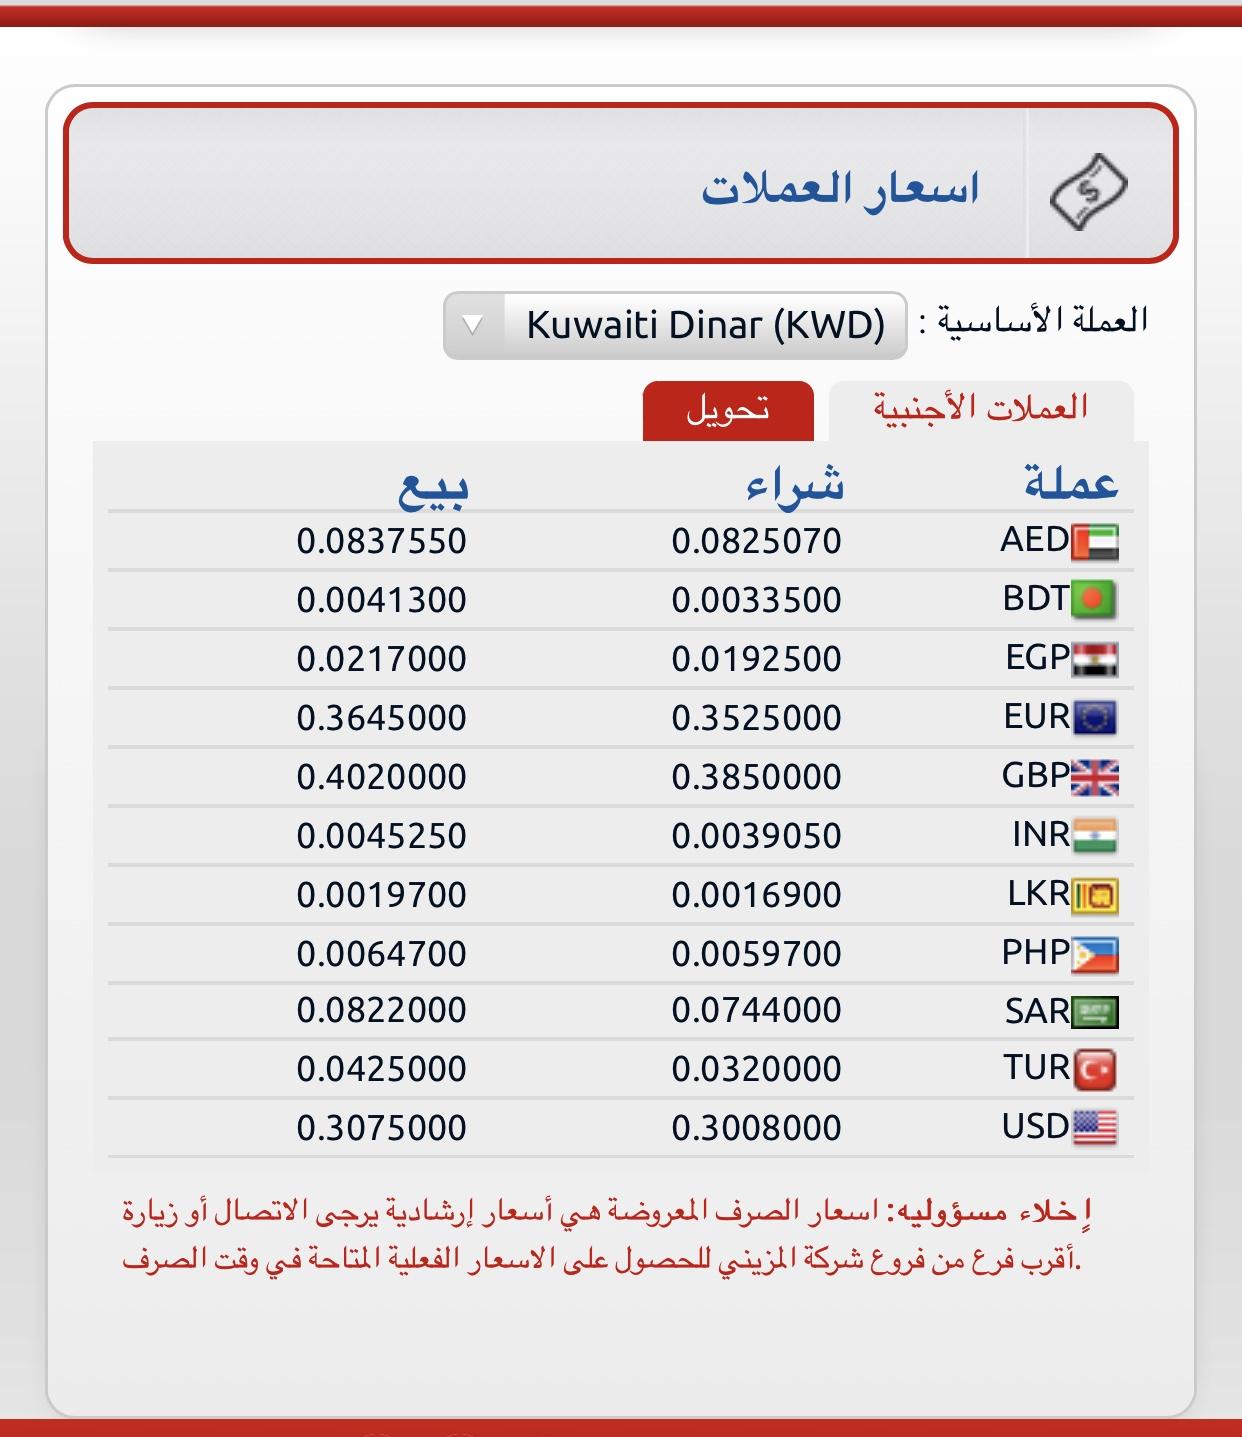 المزيني اسعار العملات مقابل الدينار الكويتي تحويل الدولار تطبيق المزيني ٦ اكتوبر